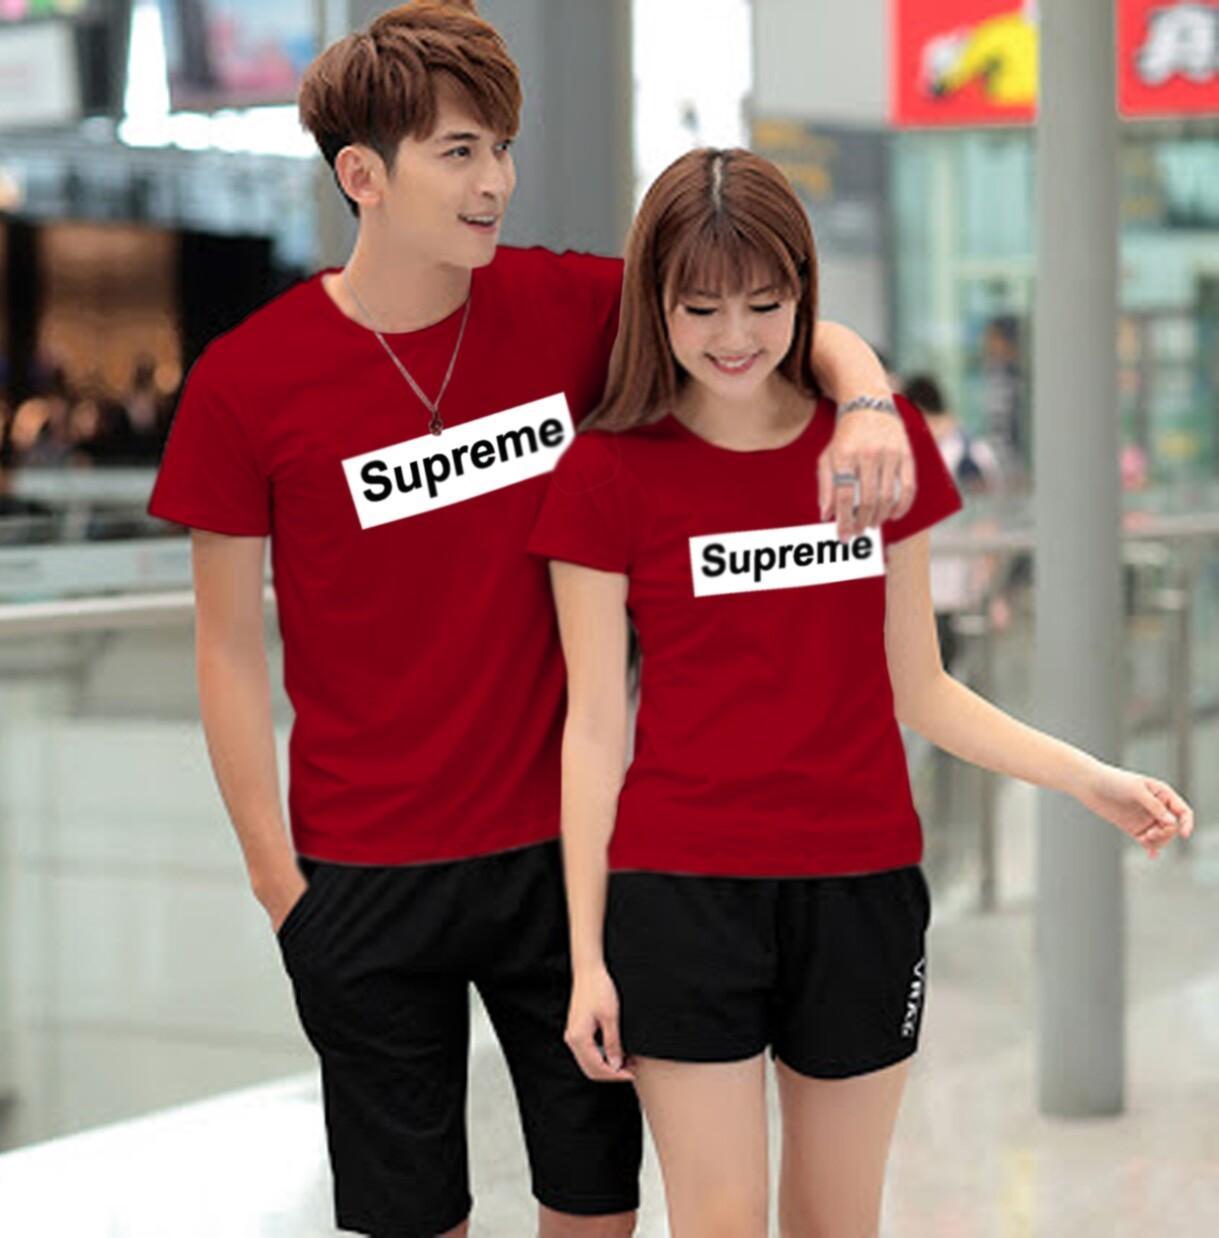 Jakarta Couple - Kaos Couple SUPREME / Kaos Pasangan / Baju Couple Murah